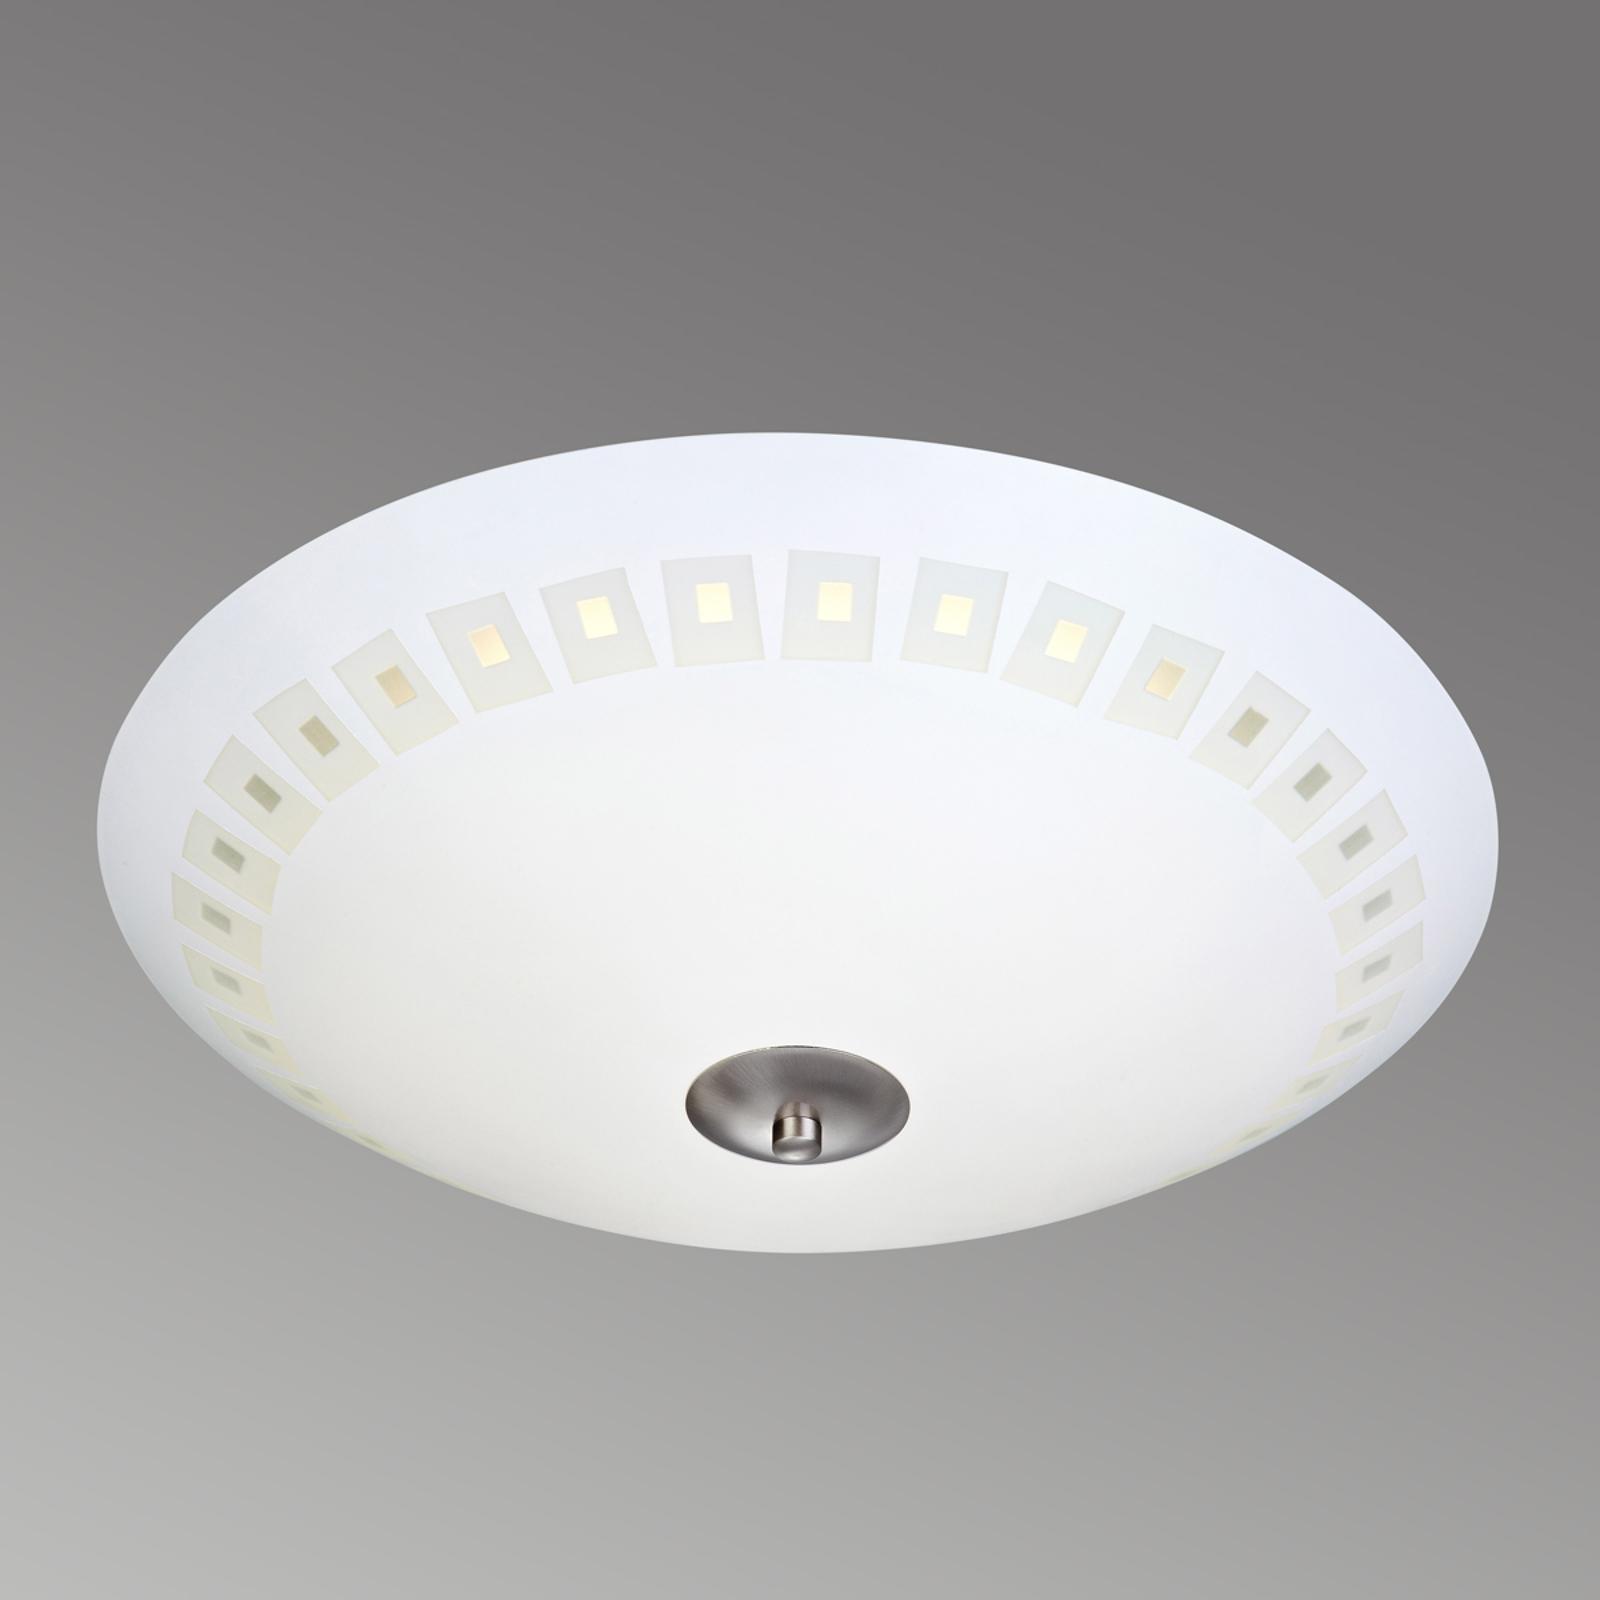 Lampa sufitowa LED Adria